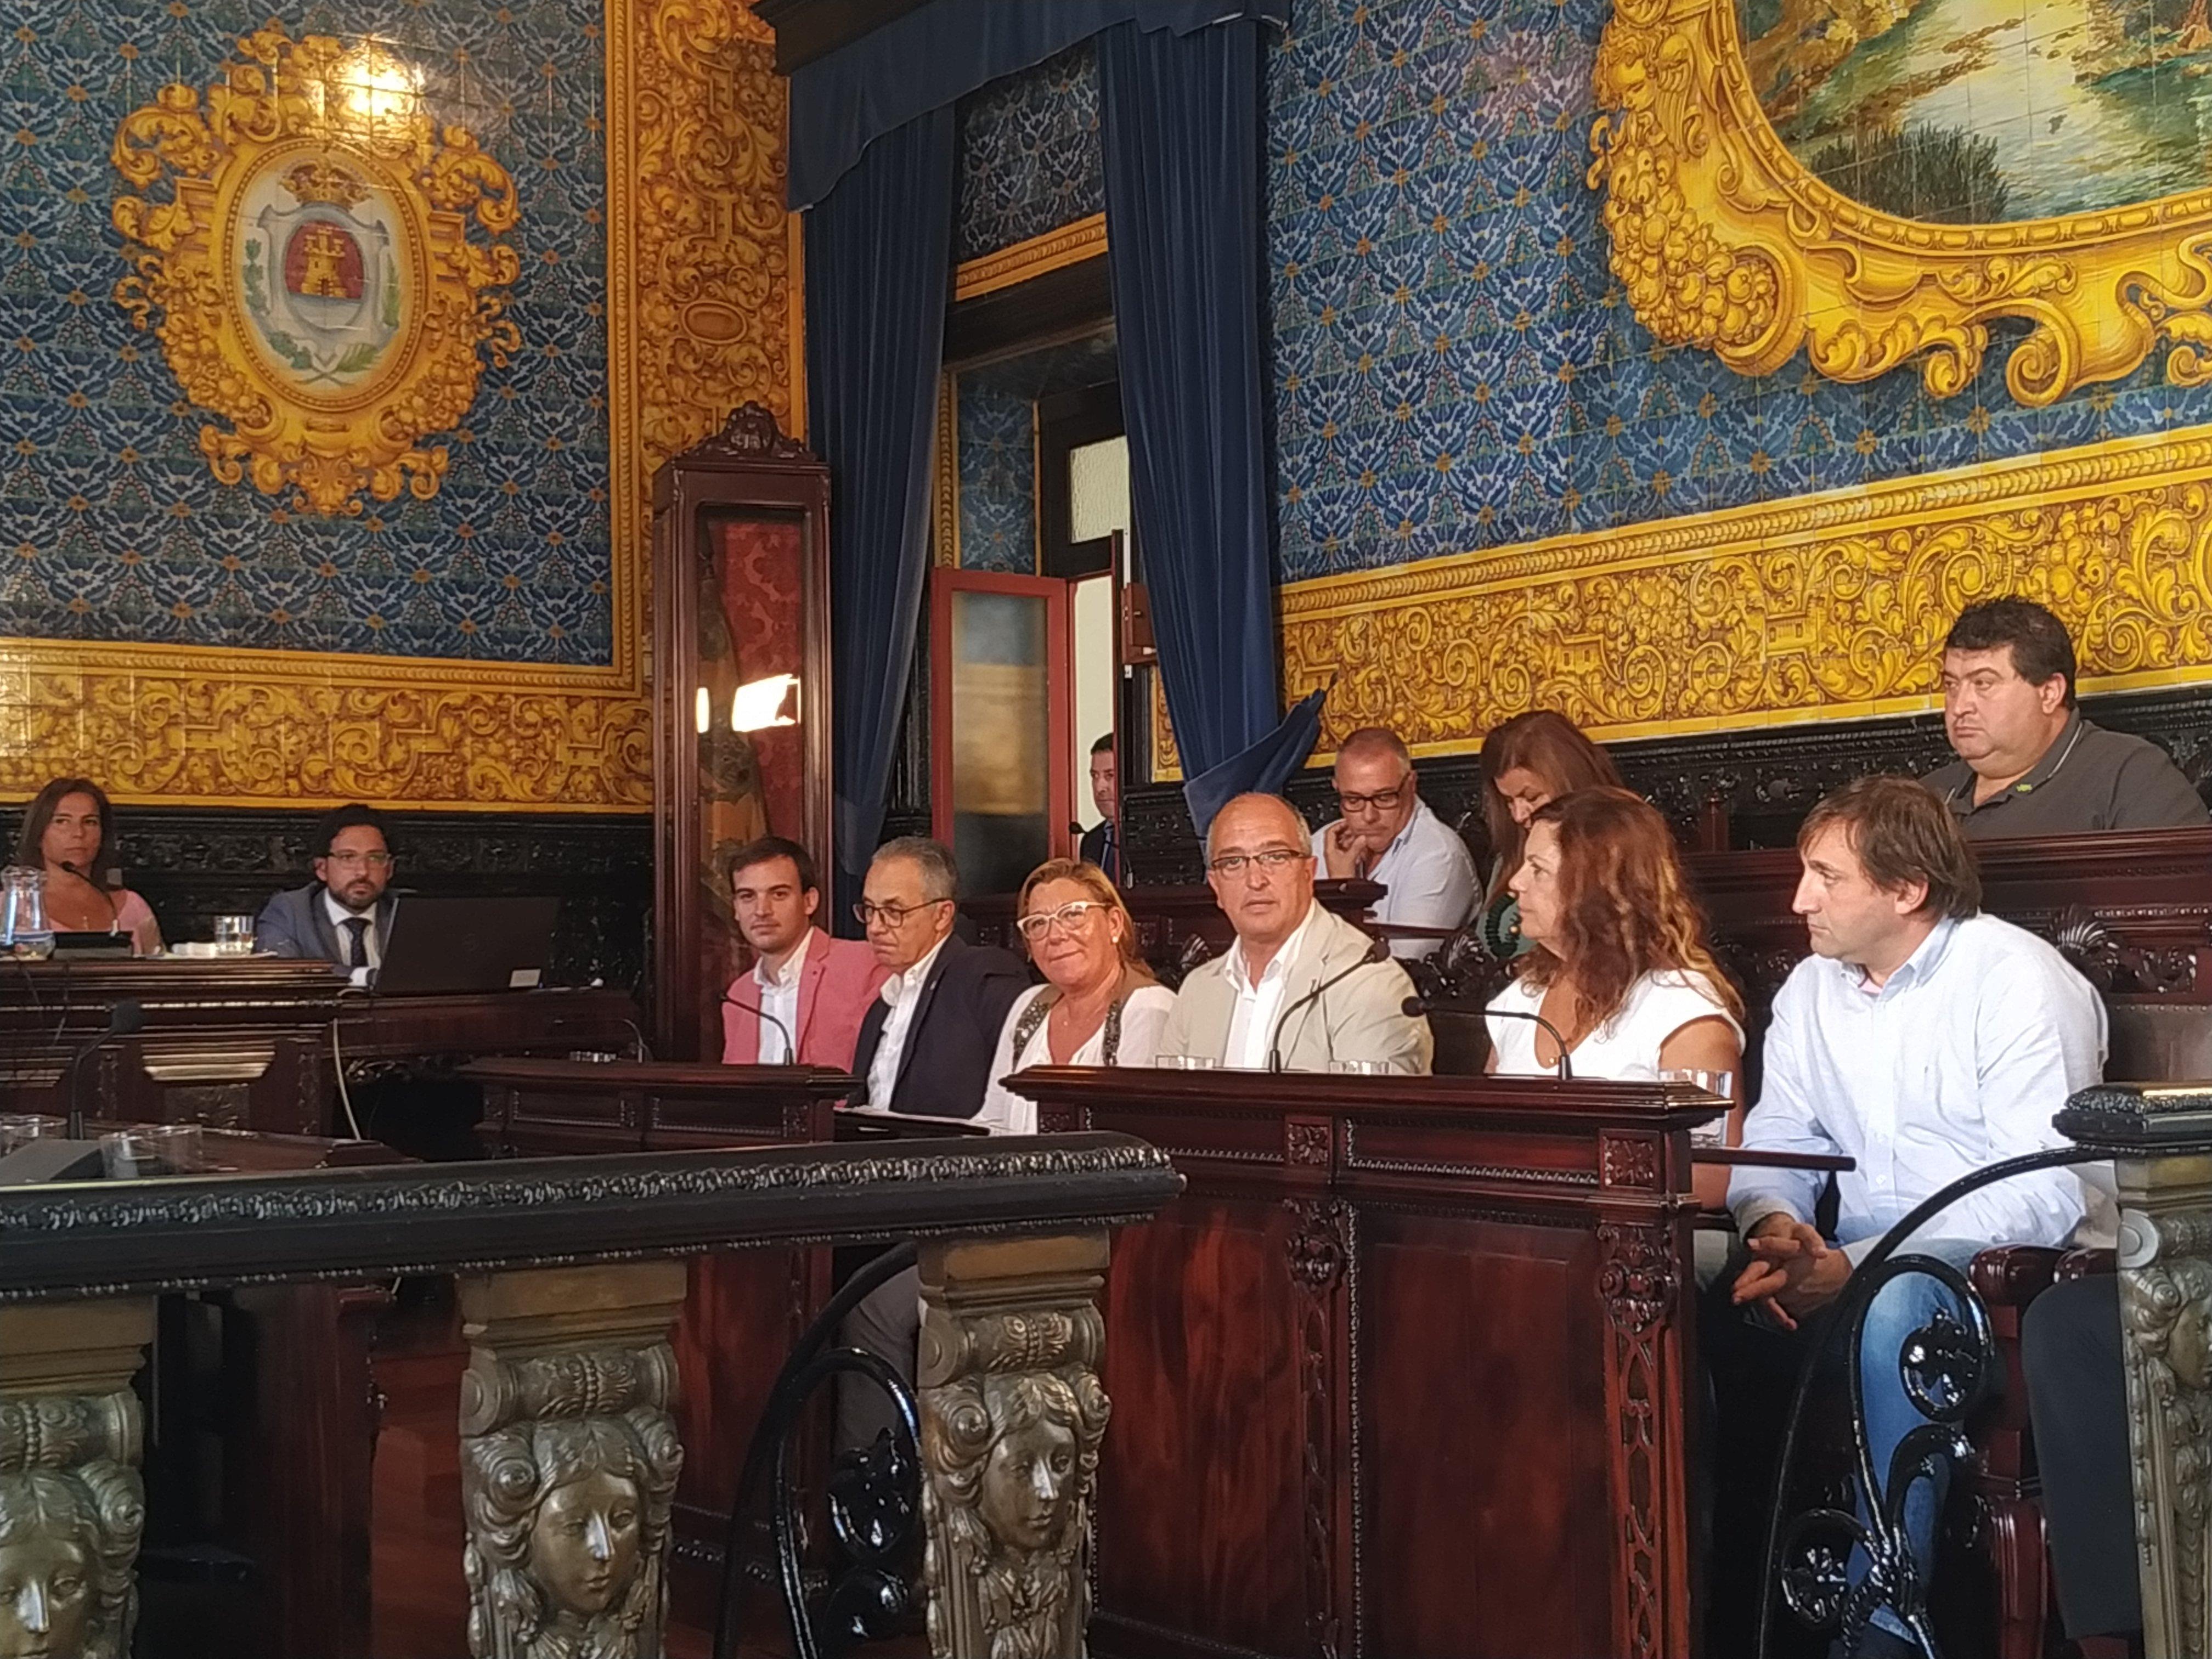 El PSOE propone otra fórmula para sacar mayor provecho del Plan Invierte, pero es rechazada por el equipo de gobierno